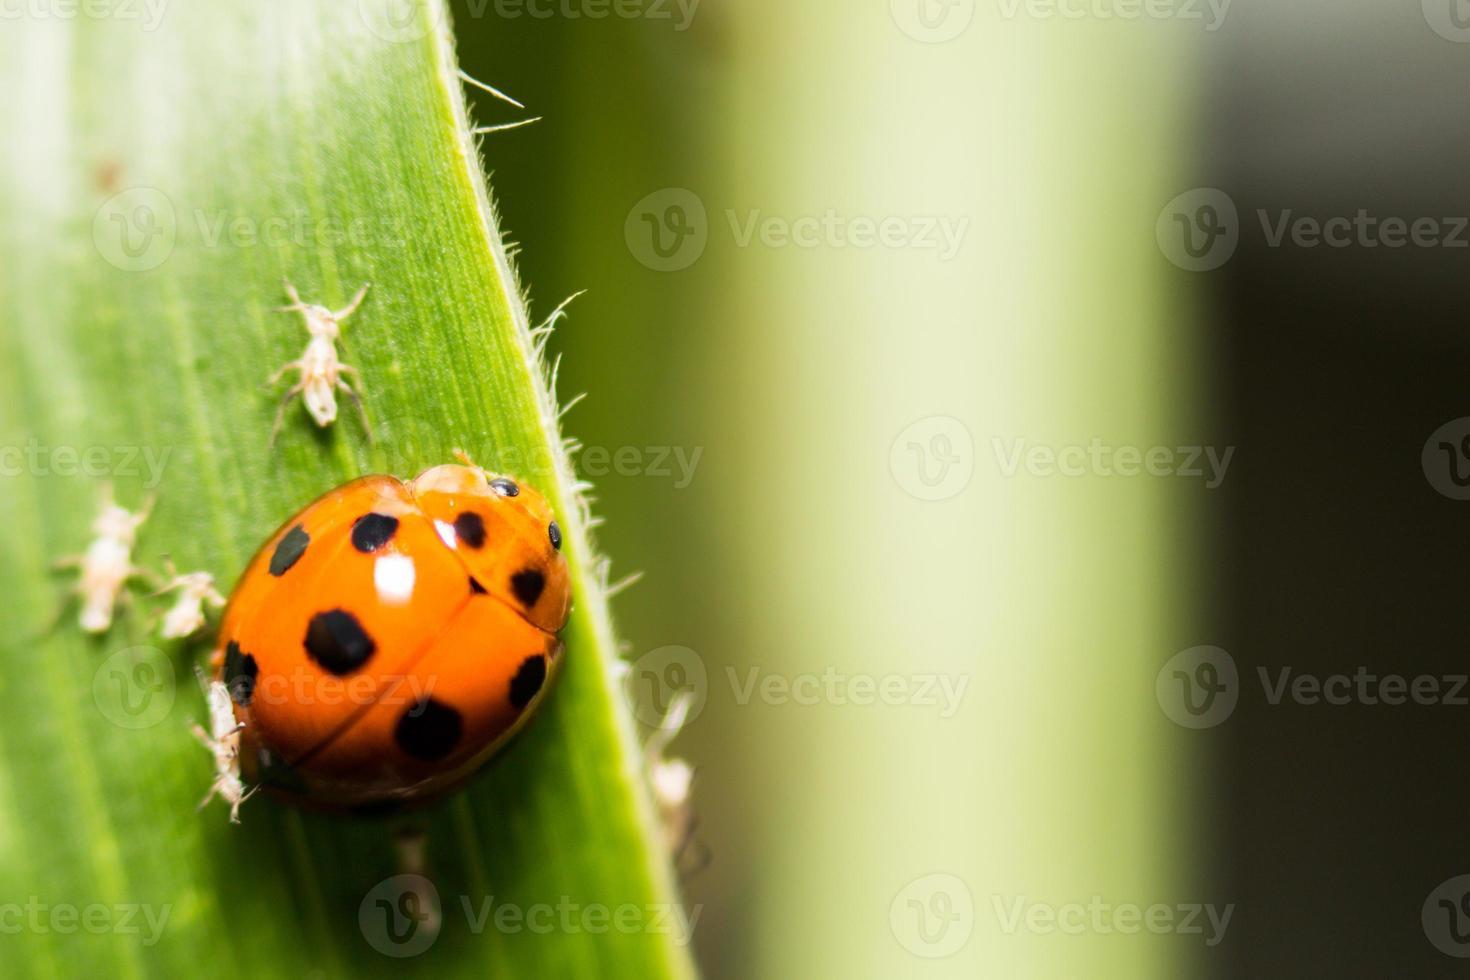 Extra Weichzeichner Marienkäfer Makro auf grünem Blatt foto